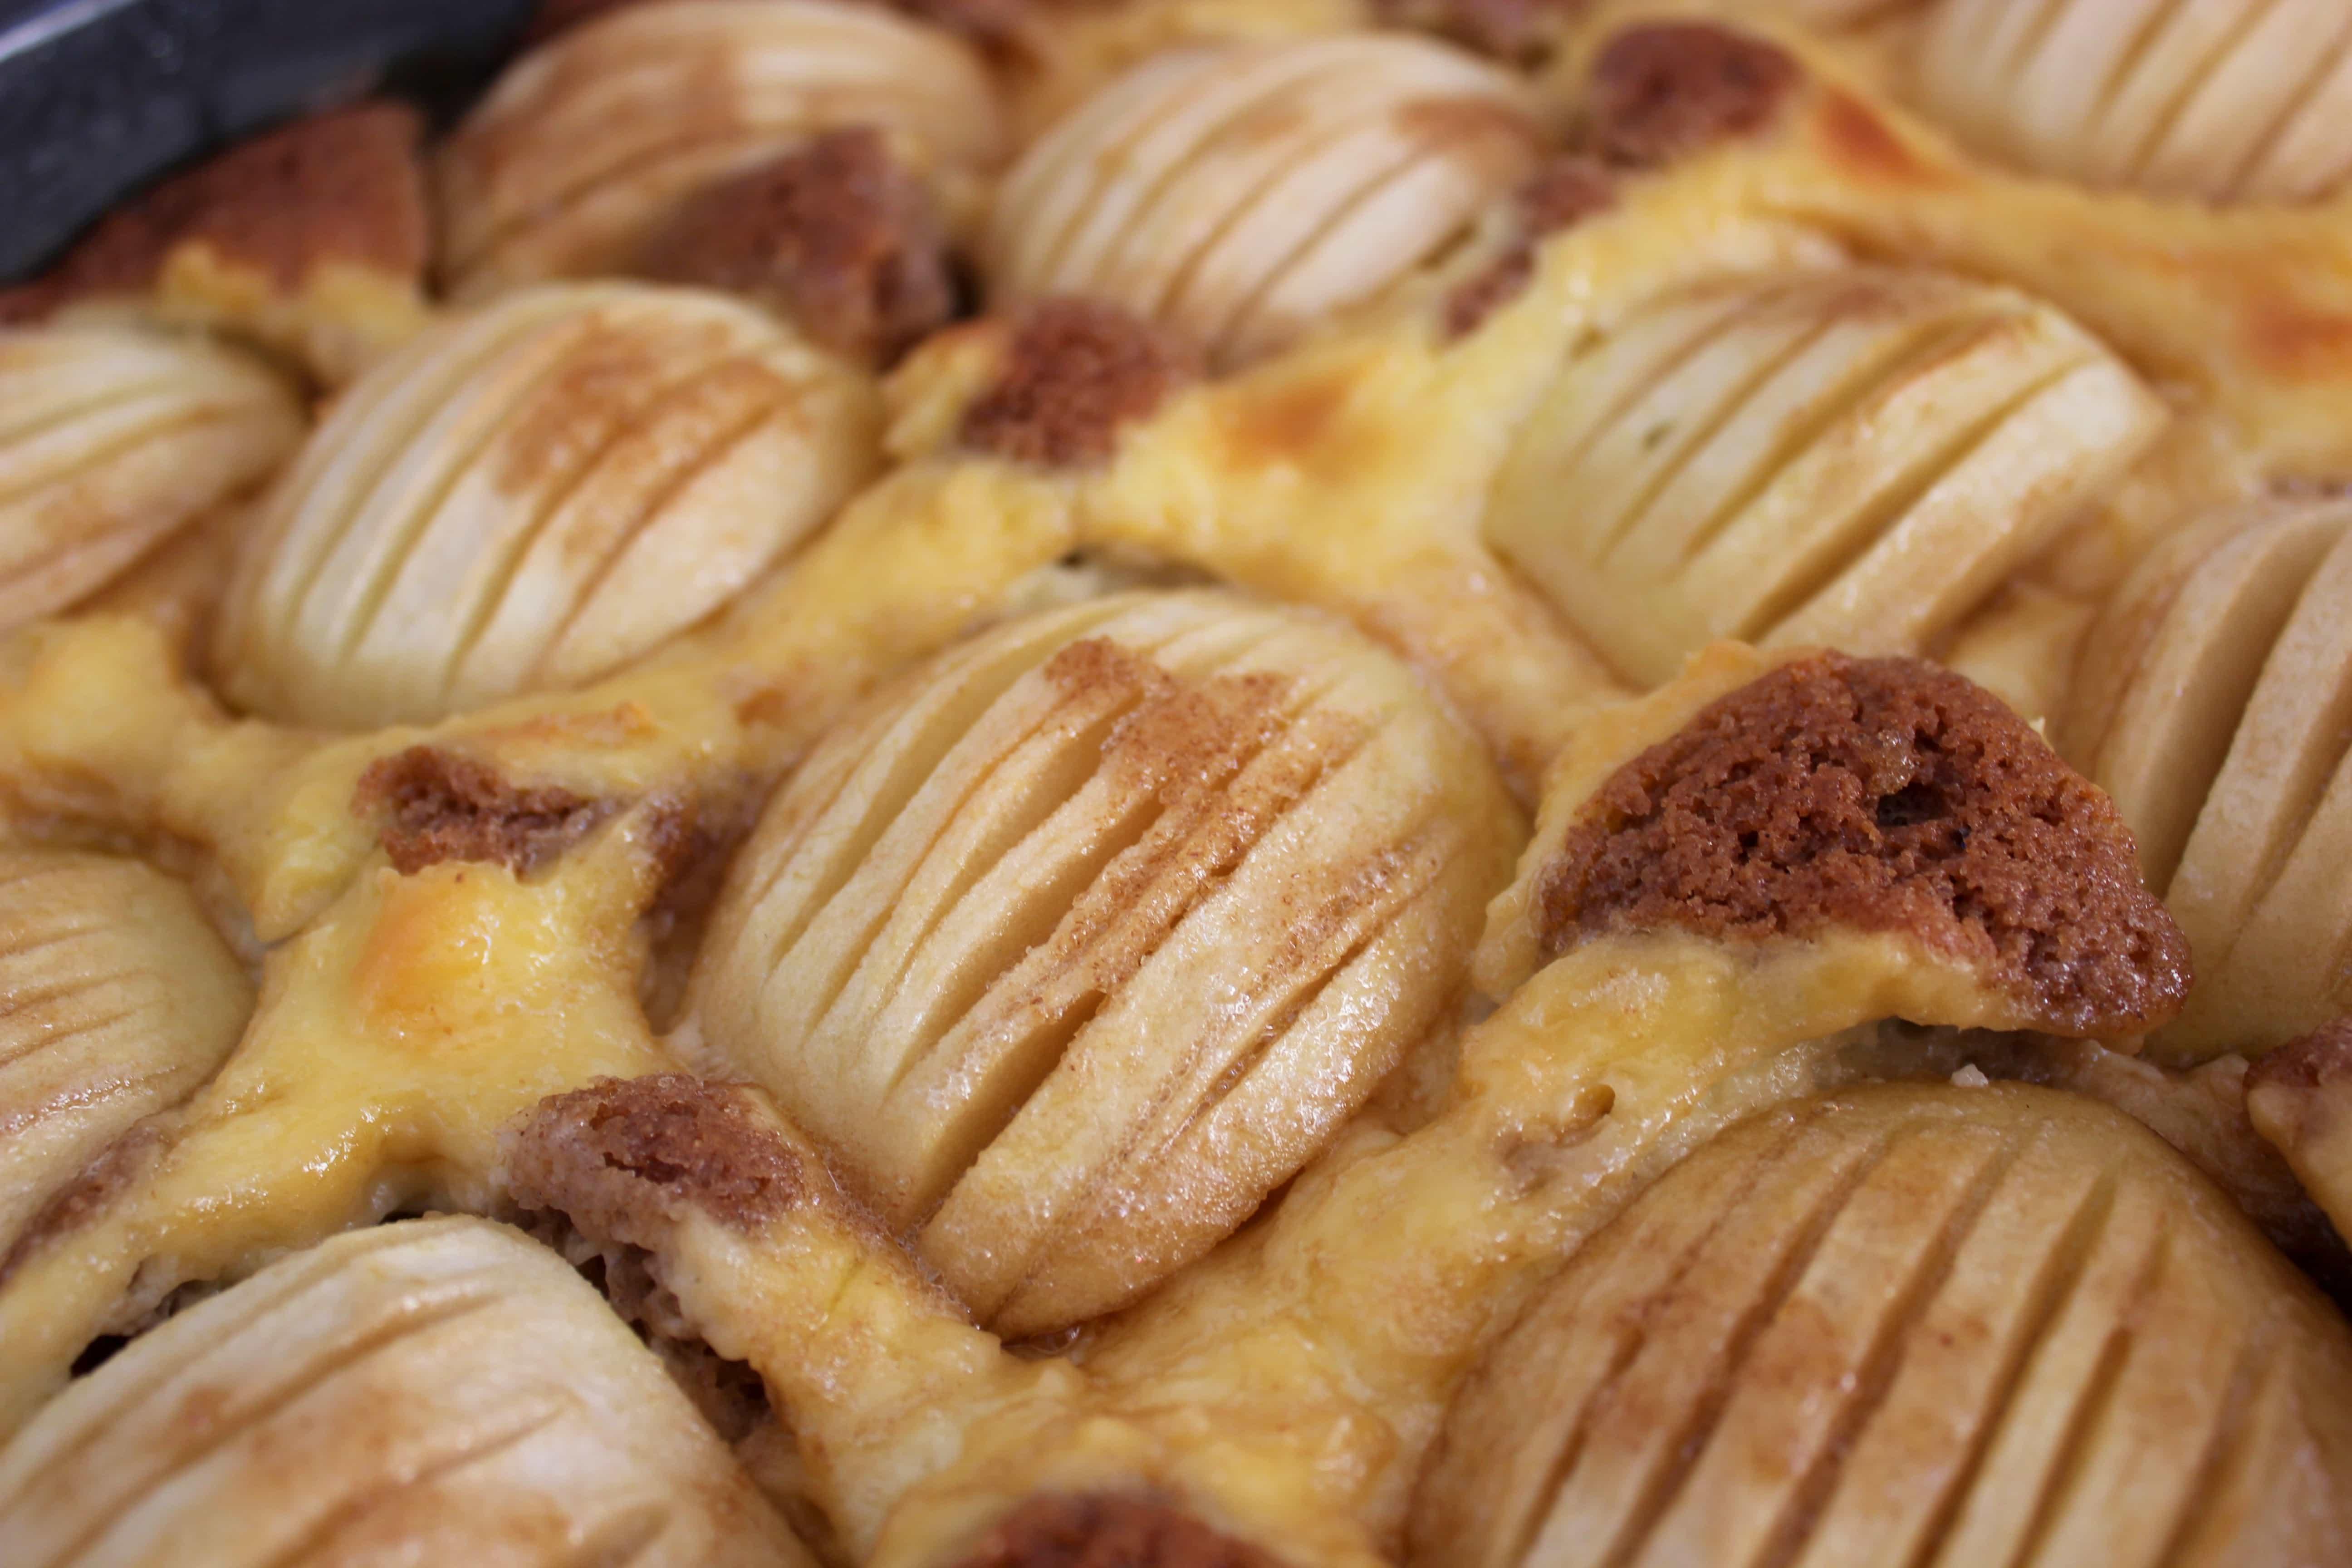 Line backt: Apfelkuchen mit Karamellkruste | Line backt | Was is hier eigentlich los? | wihel.de